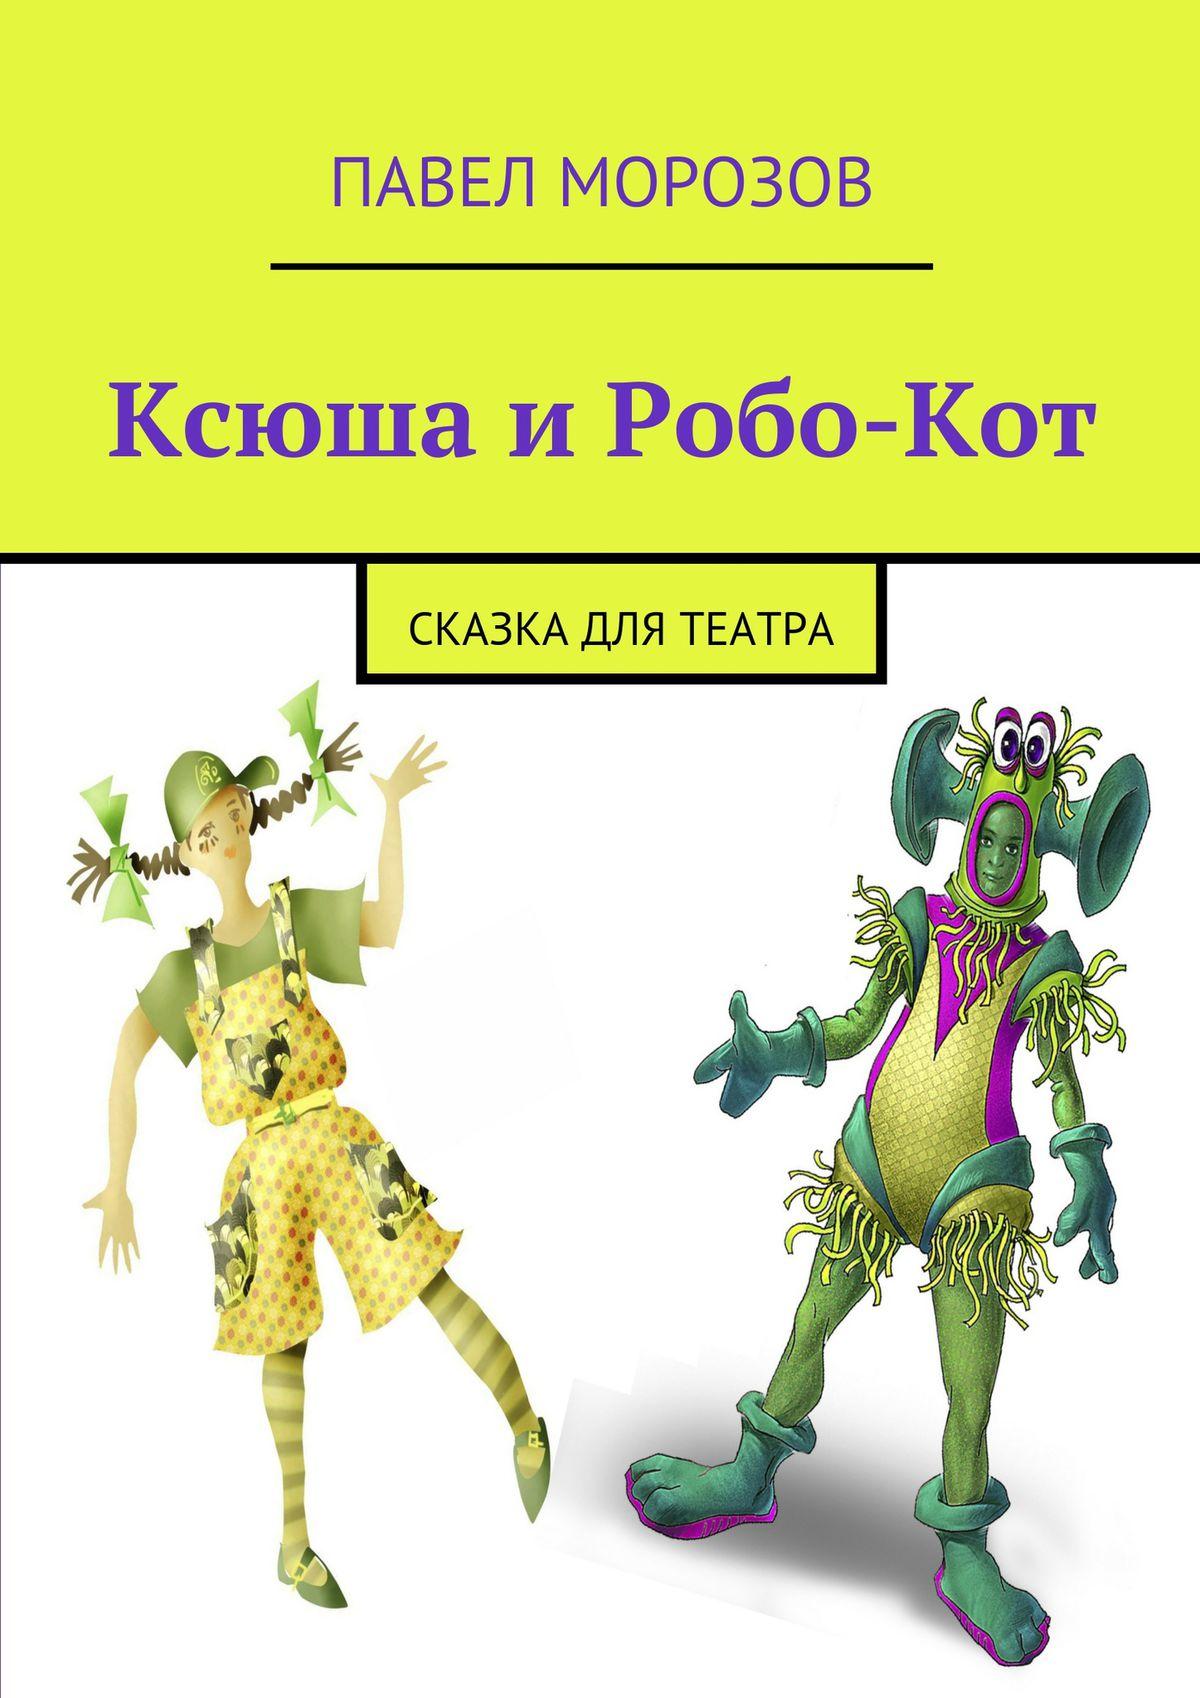 Павел Морозов Ксюша иРобо-Кот театр для детей